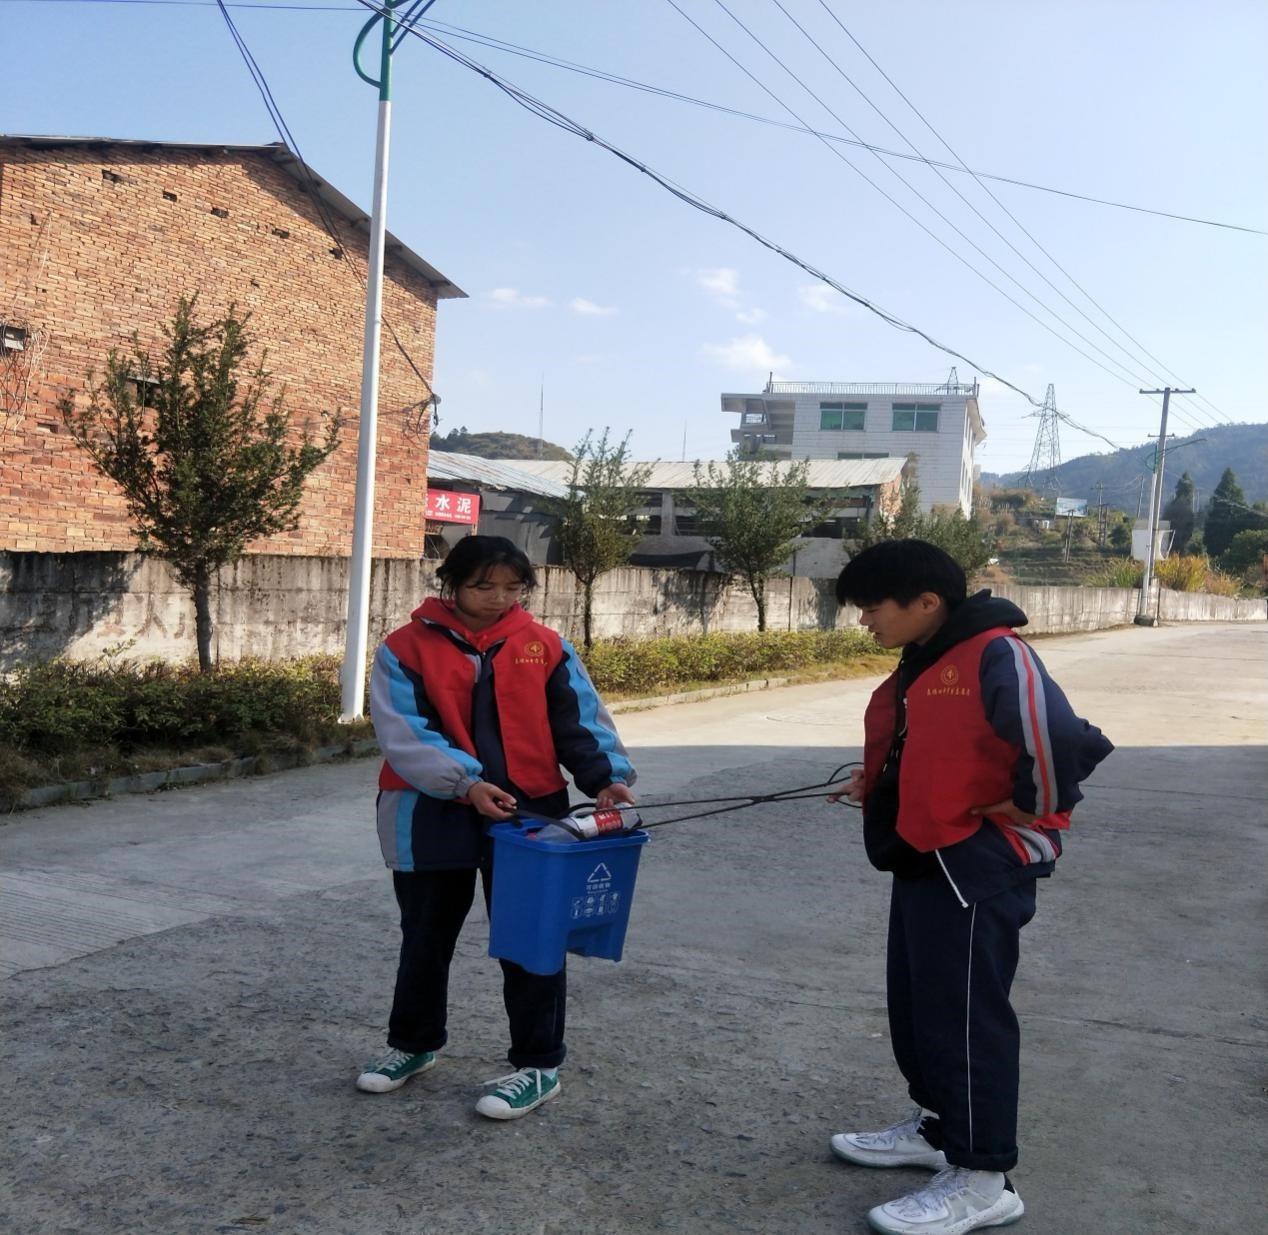 http://www.goschool.org.cn/d/file/40217819.jpg